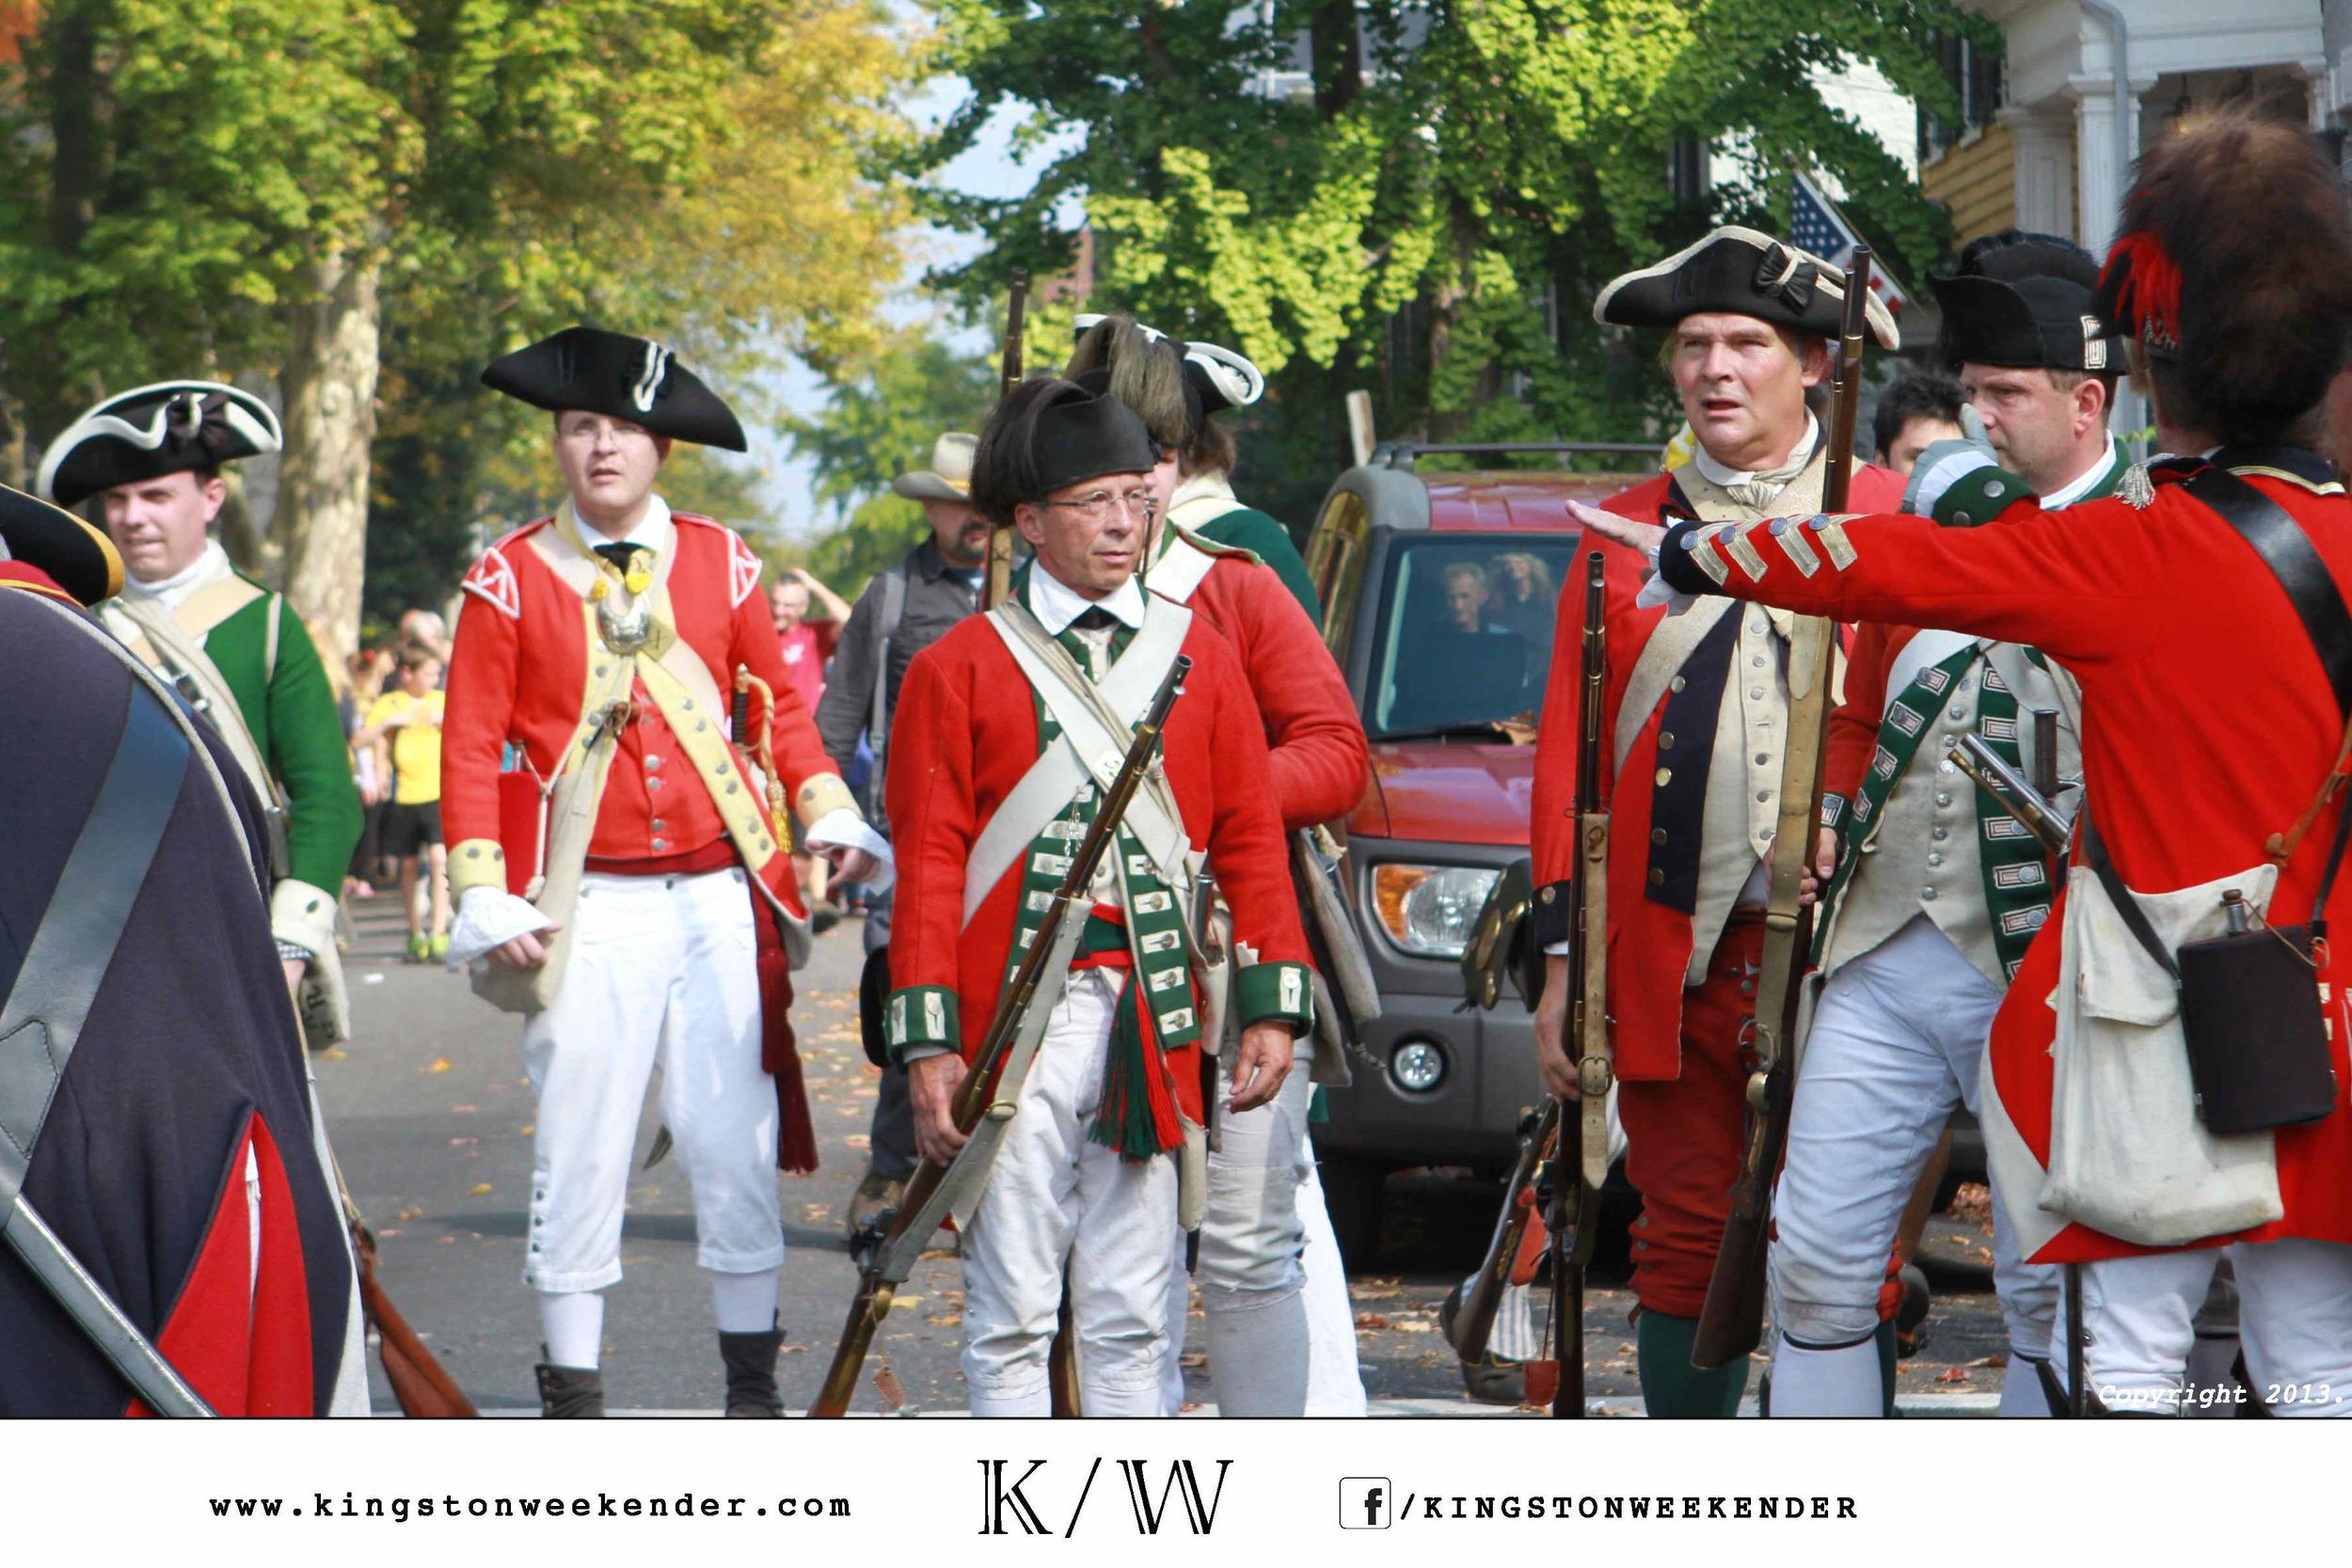 kingston-weekender-photo-credits44.jpg